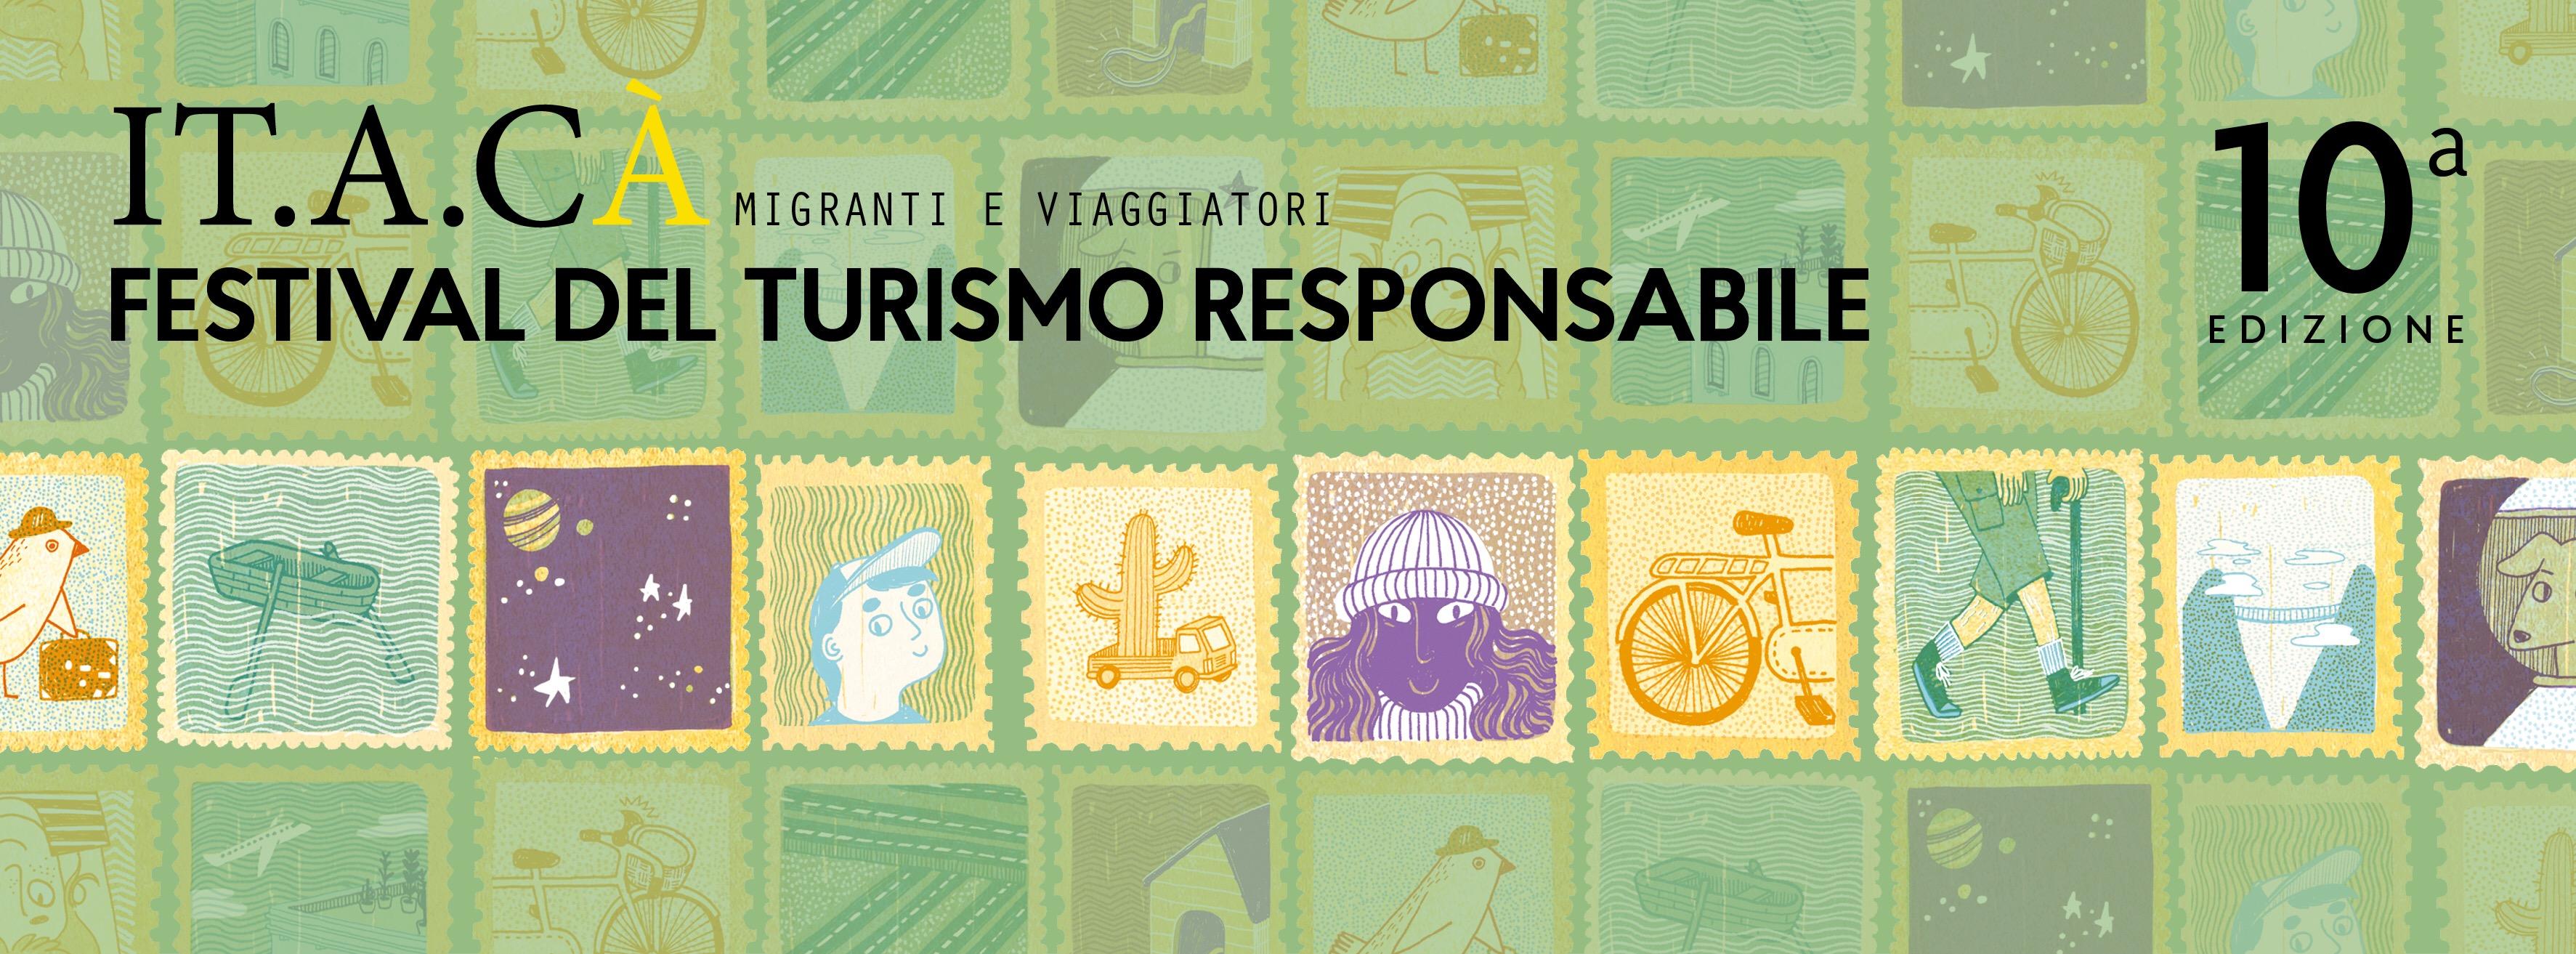 Notizie Green: il Festival del Turismo Responsabile cresce e conquista l'Award dell'Organizzazione Mondiale del Turismo